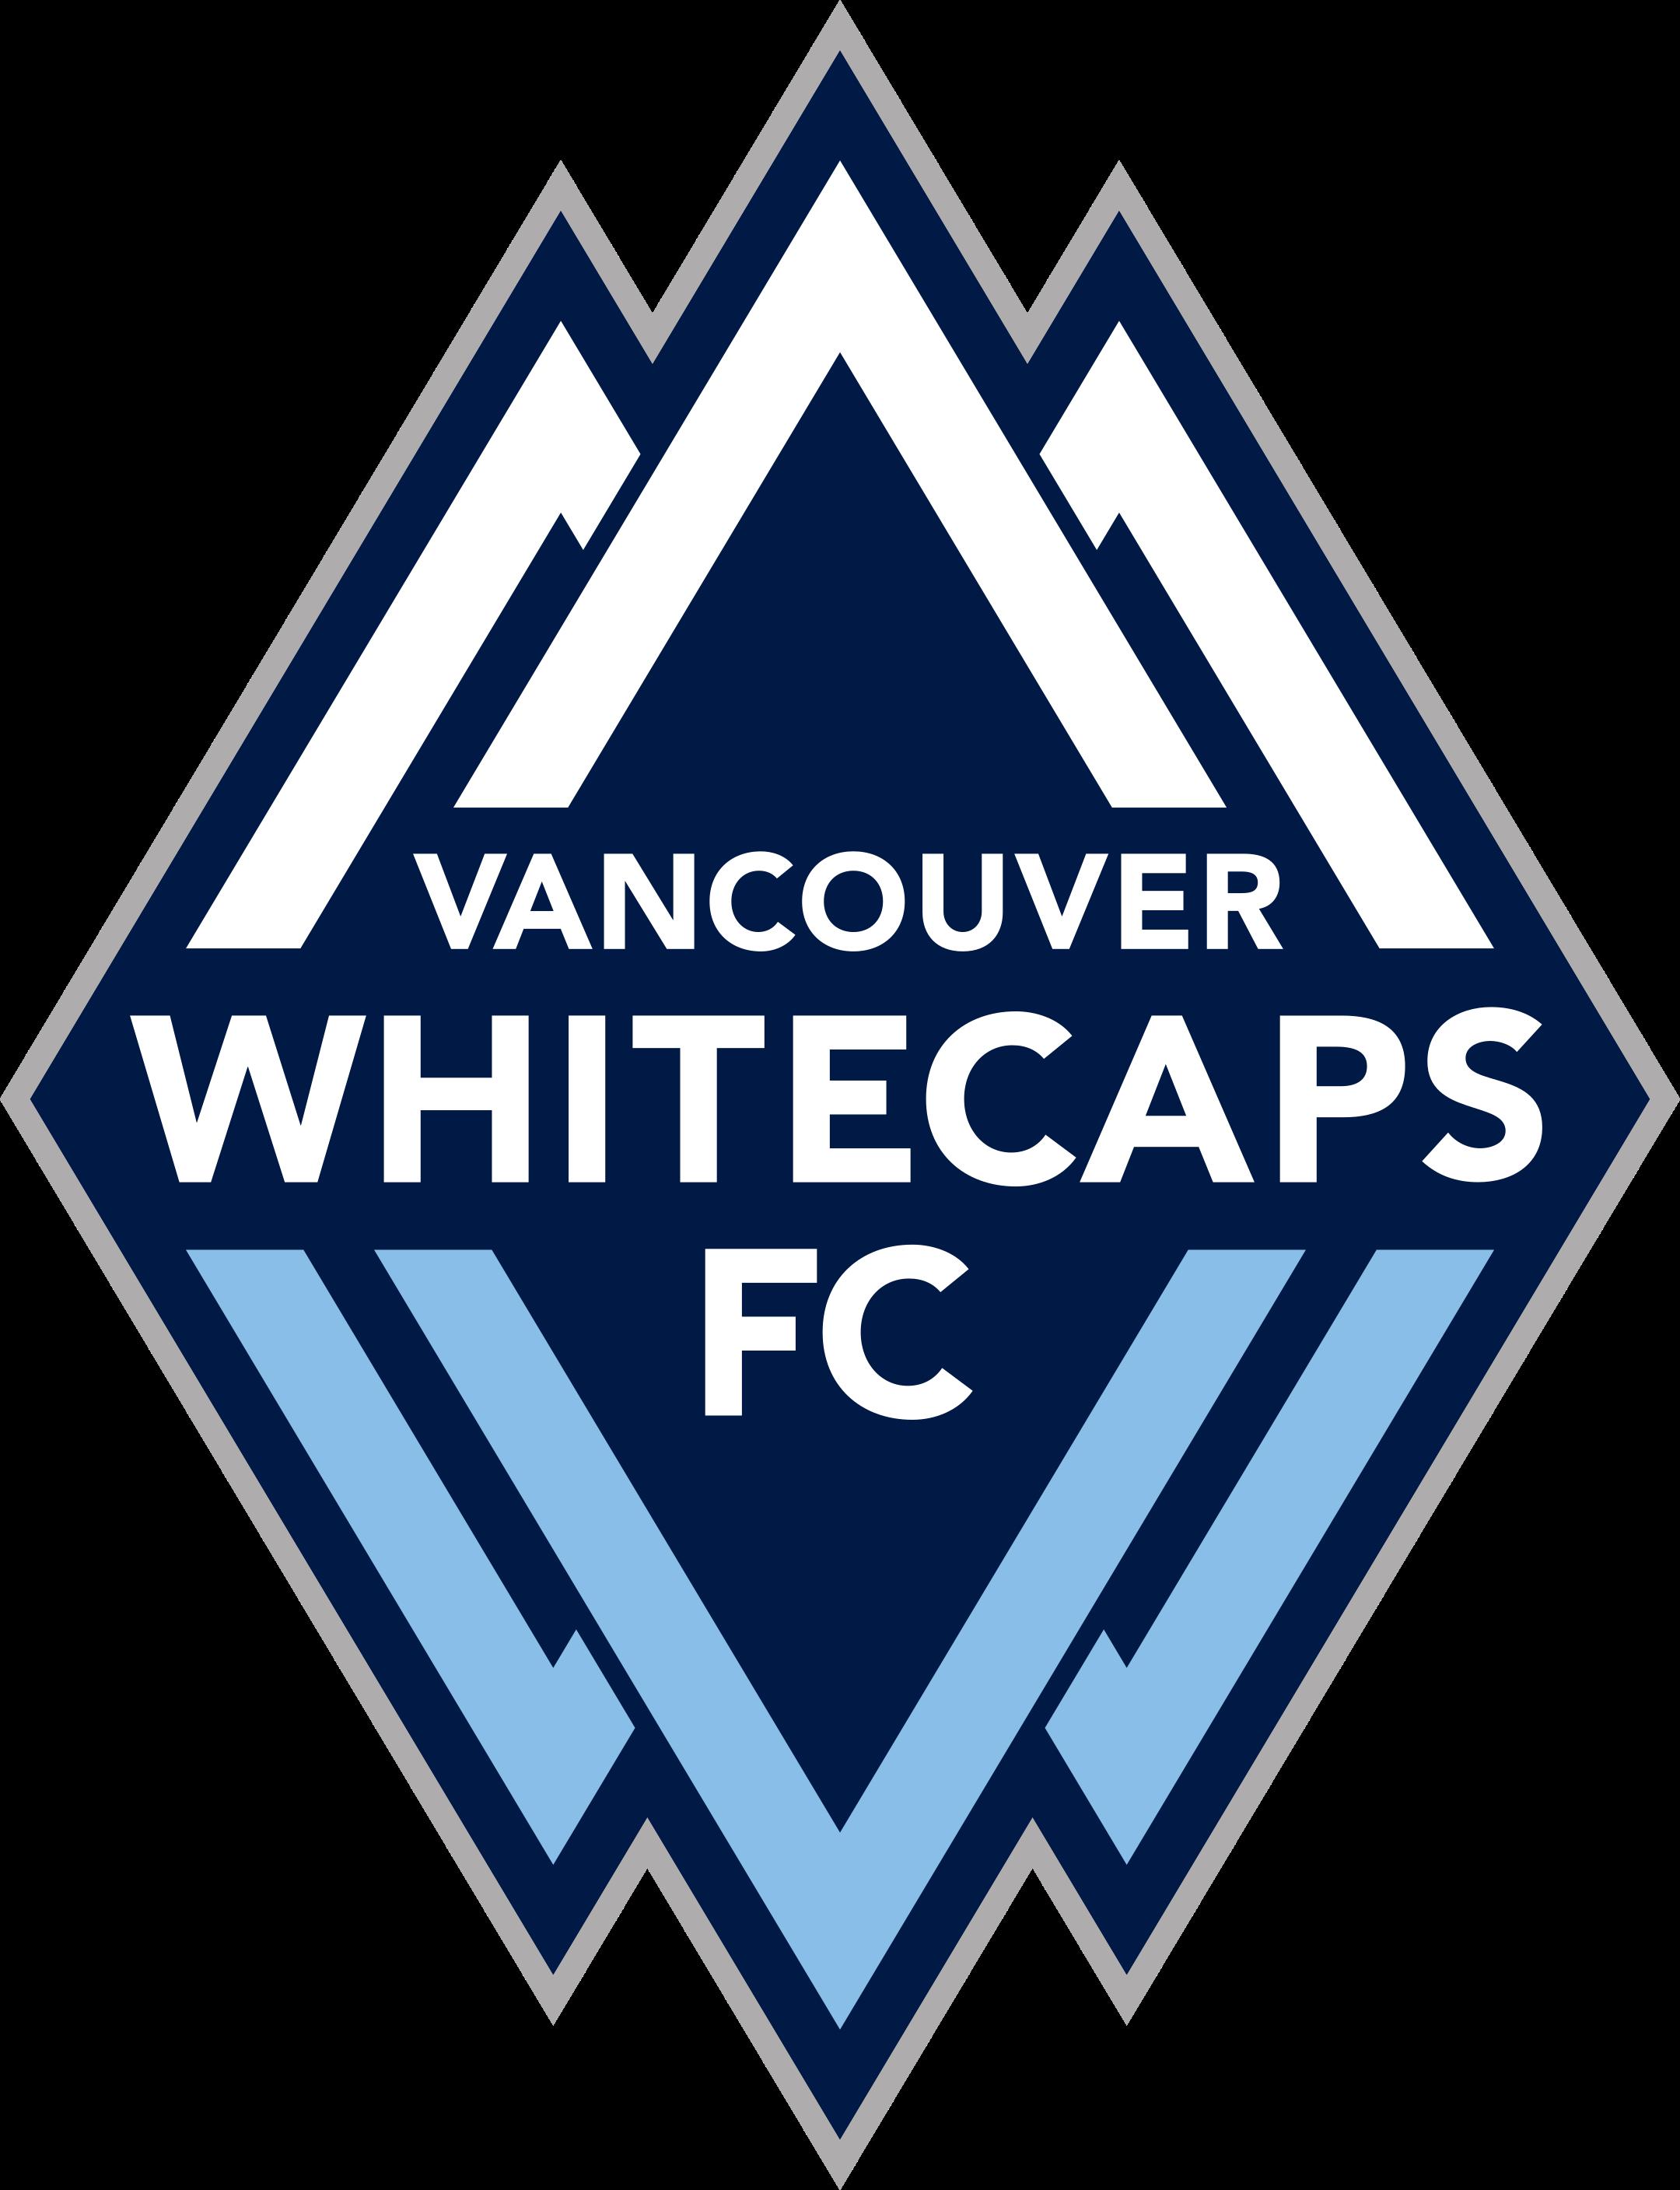 vancouver whitecaps fc logo 1 - Vancouver Whitecaps FC Logo